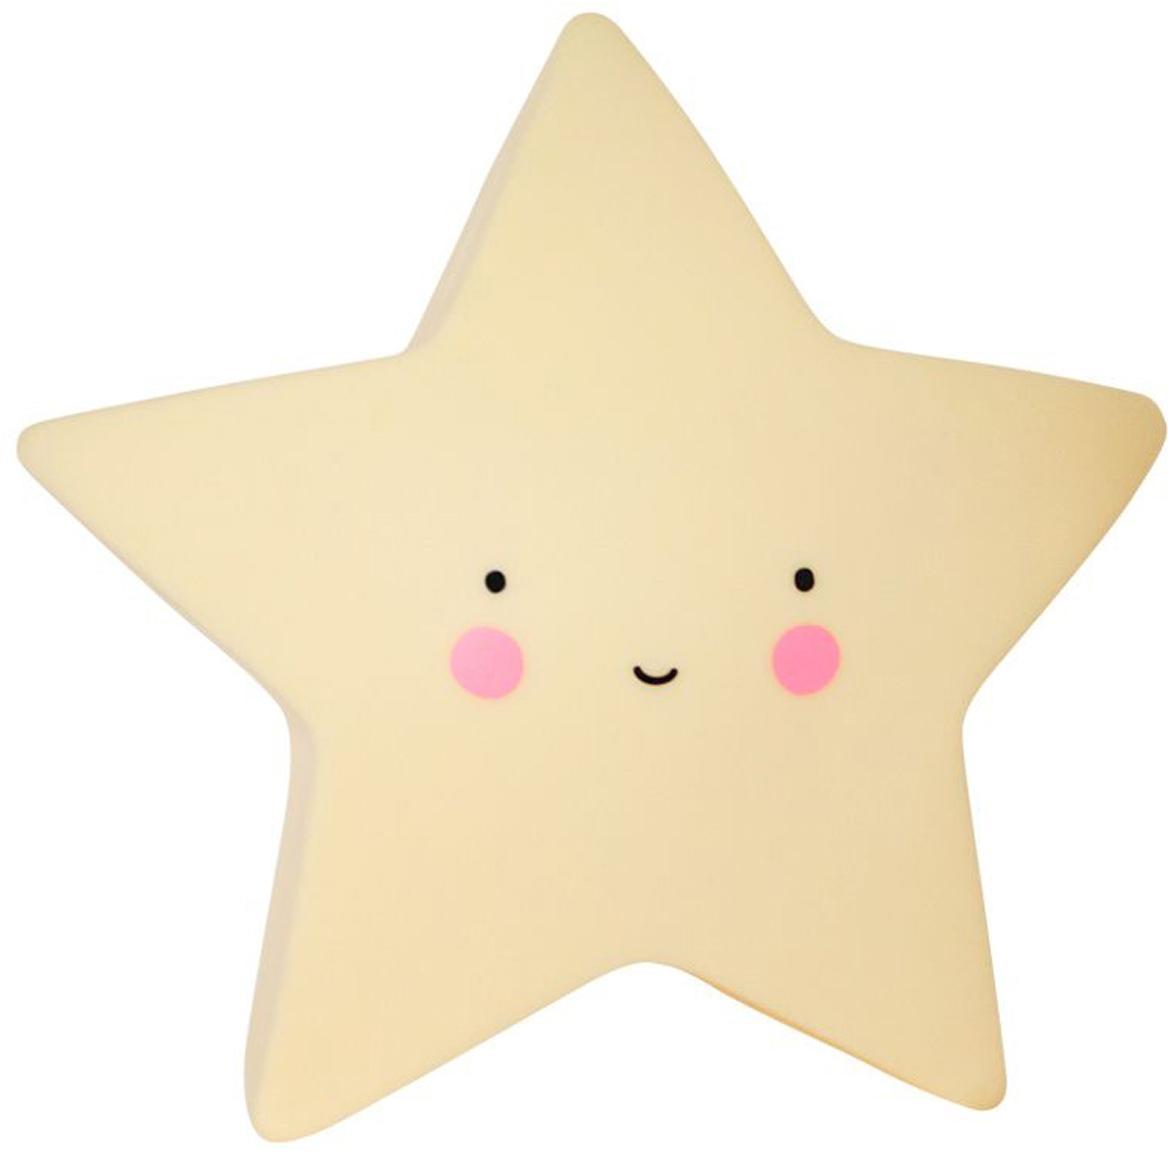 Klein LED lichtobject Star met timer, Kunststof, Geel, zwart, roze, 14 x 14 cm